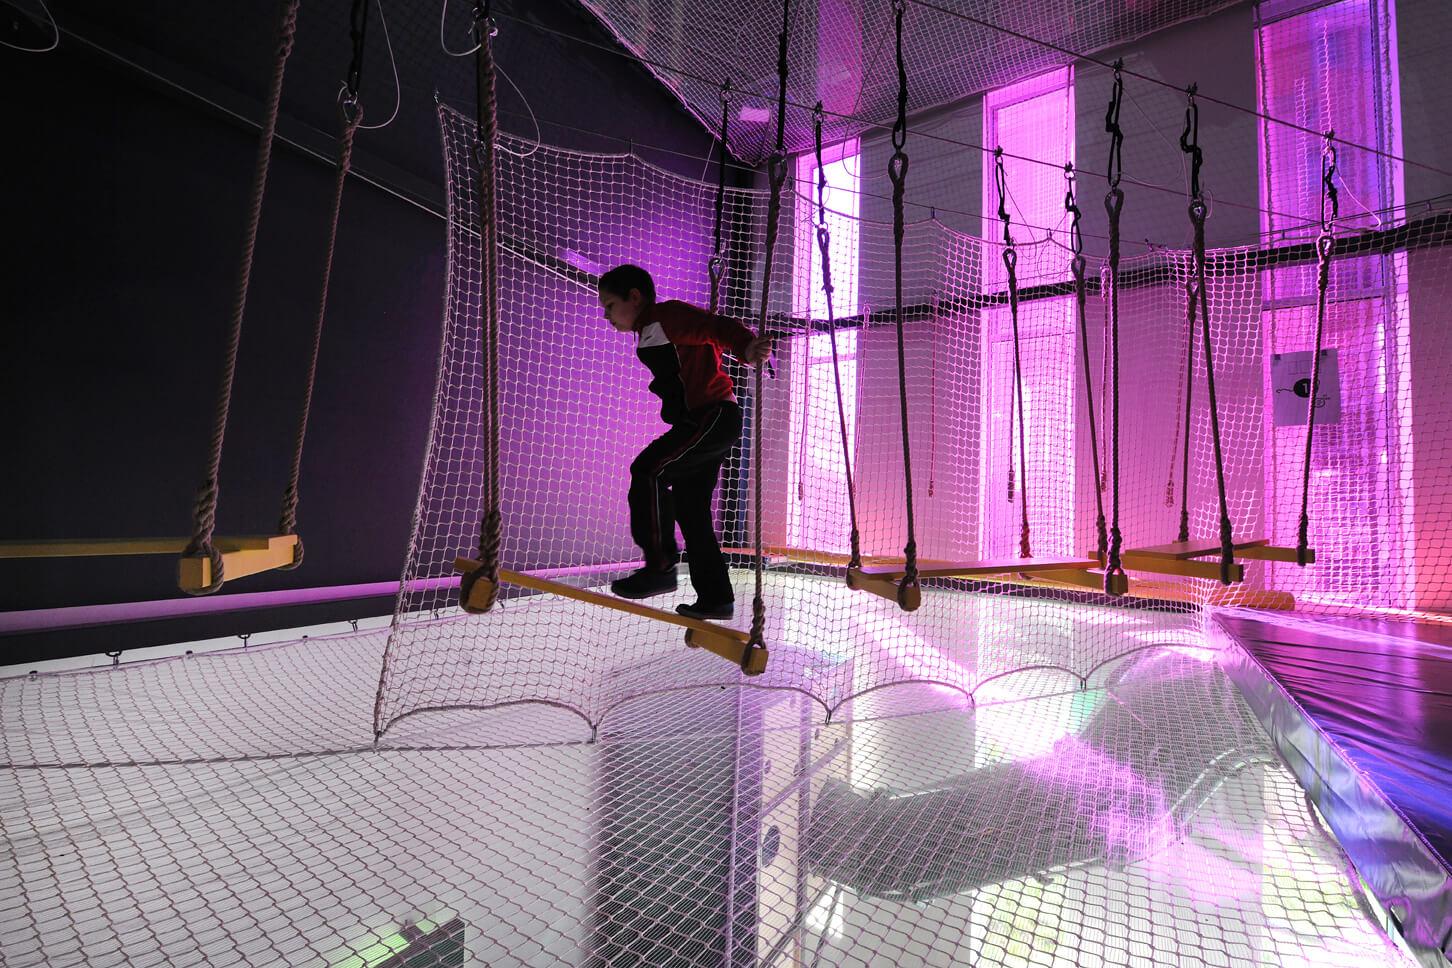 Parcours d'accrobranche indoor sur trois niveaux